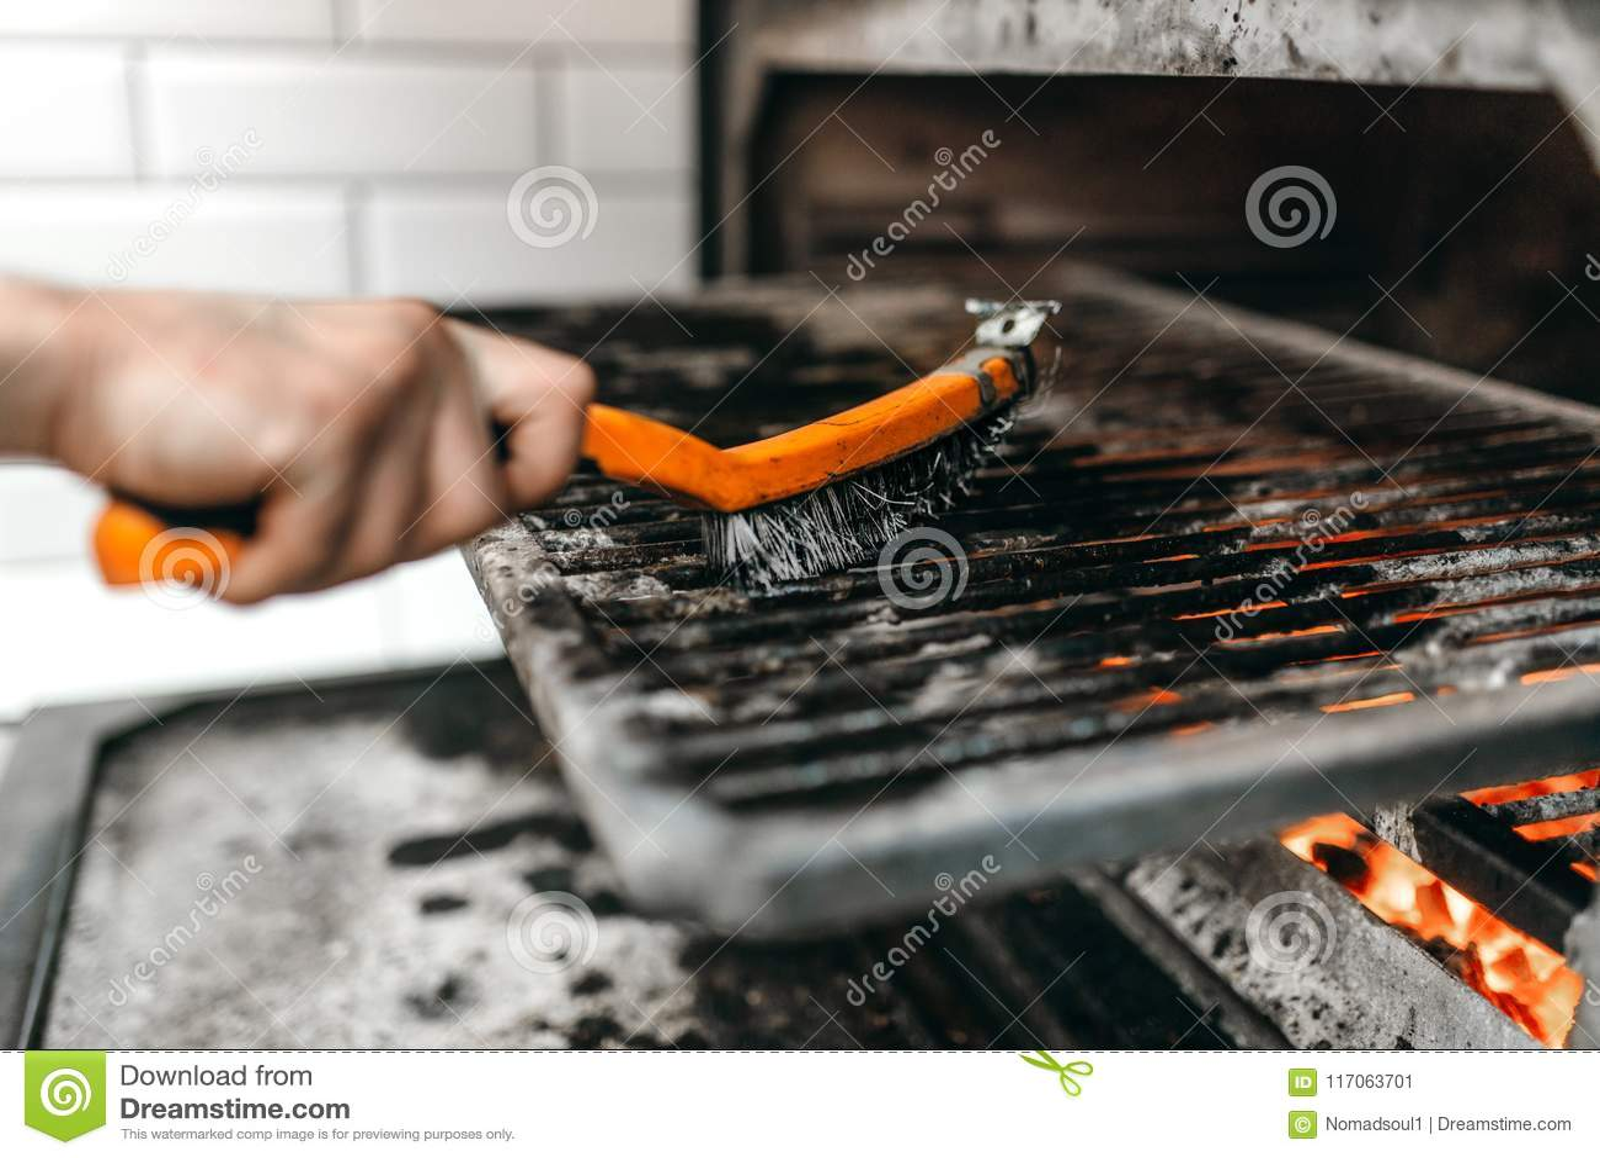 De kokhanden met metaal borstelen schoon de grilloven